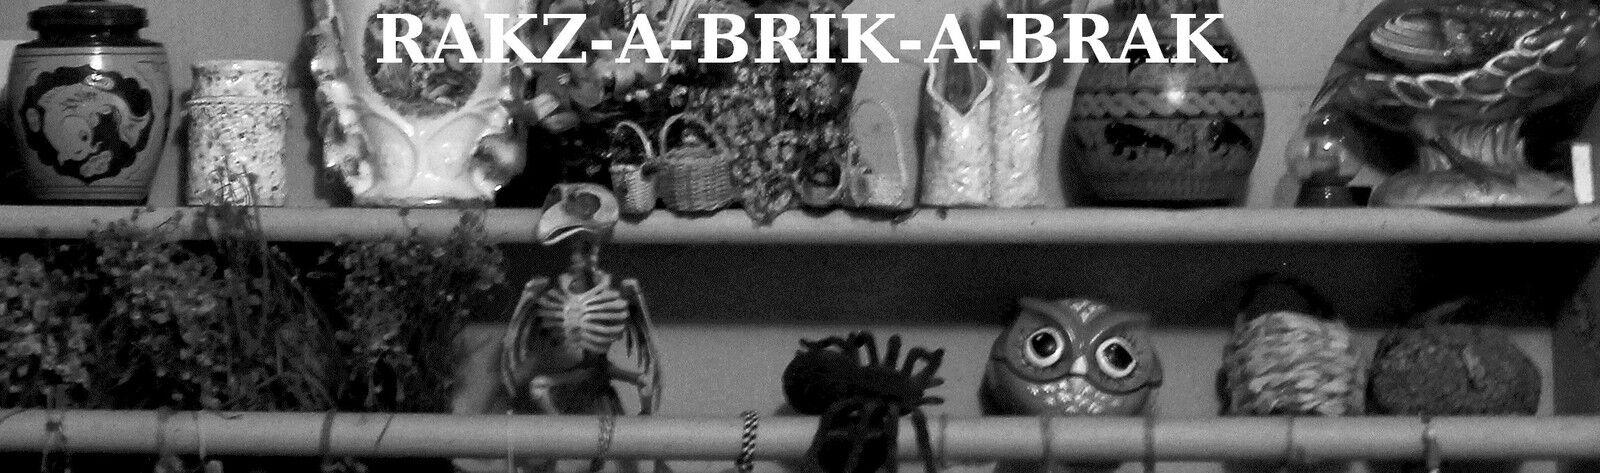 Rakz-A-Brik-A-Brak